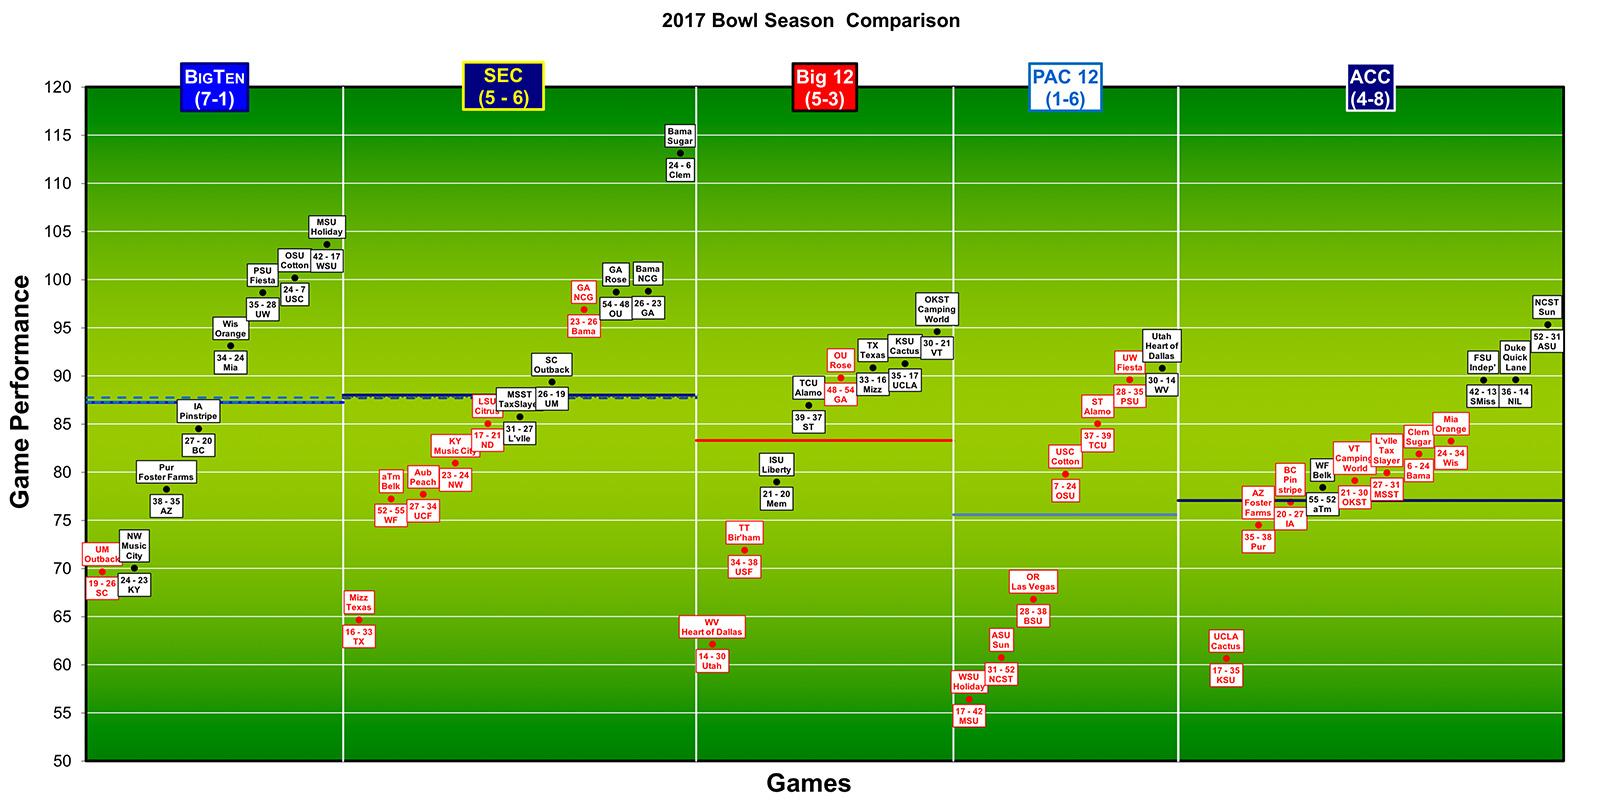 2017 College Football Bowl Season Comparison